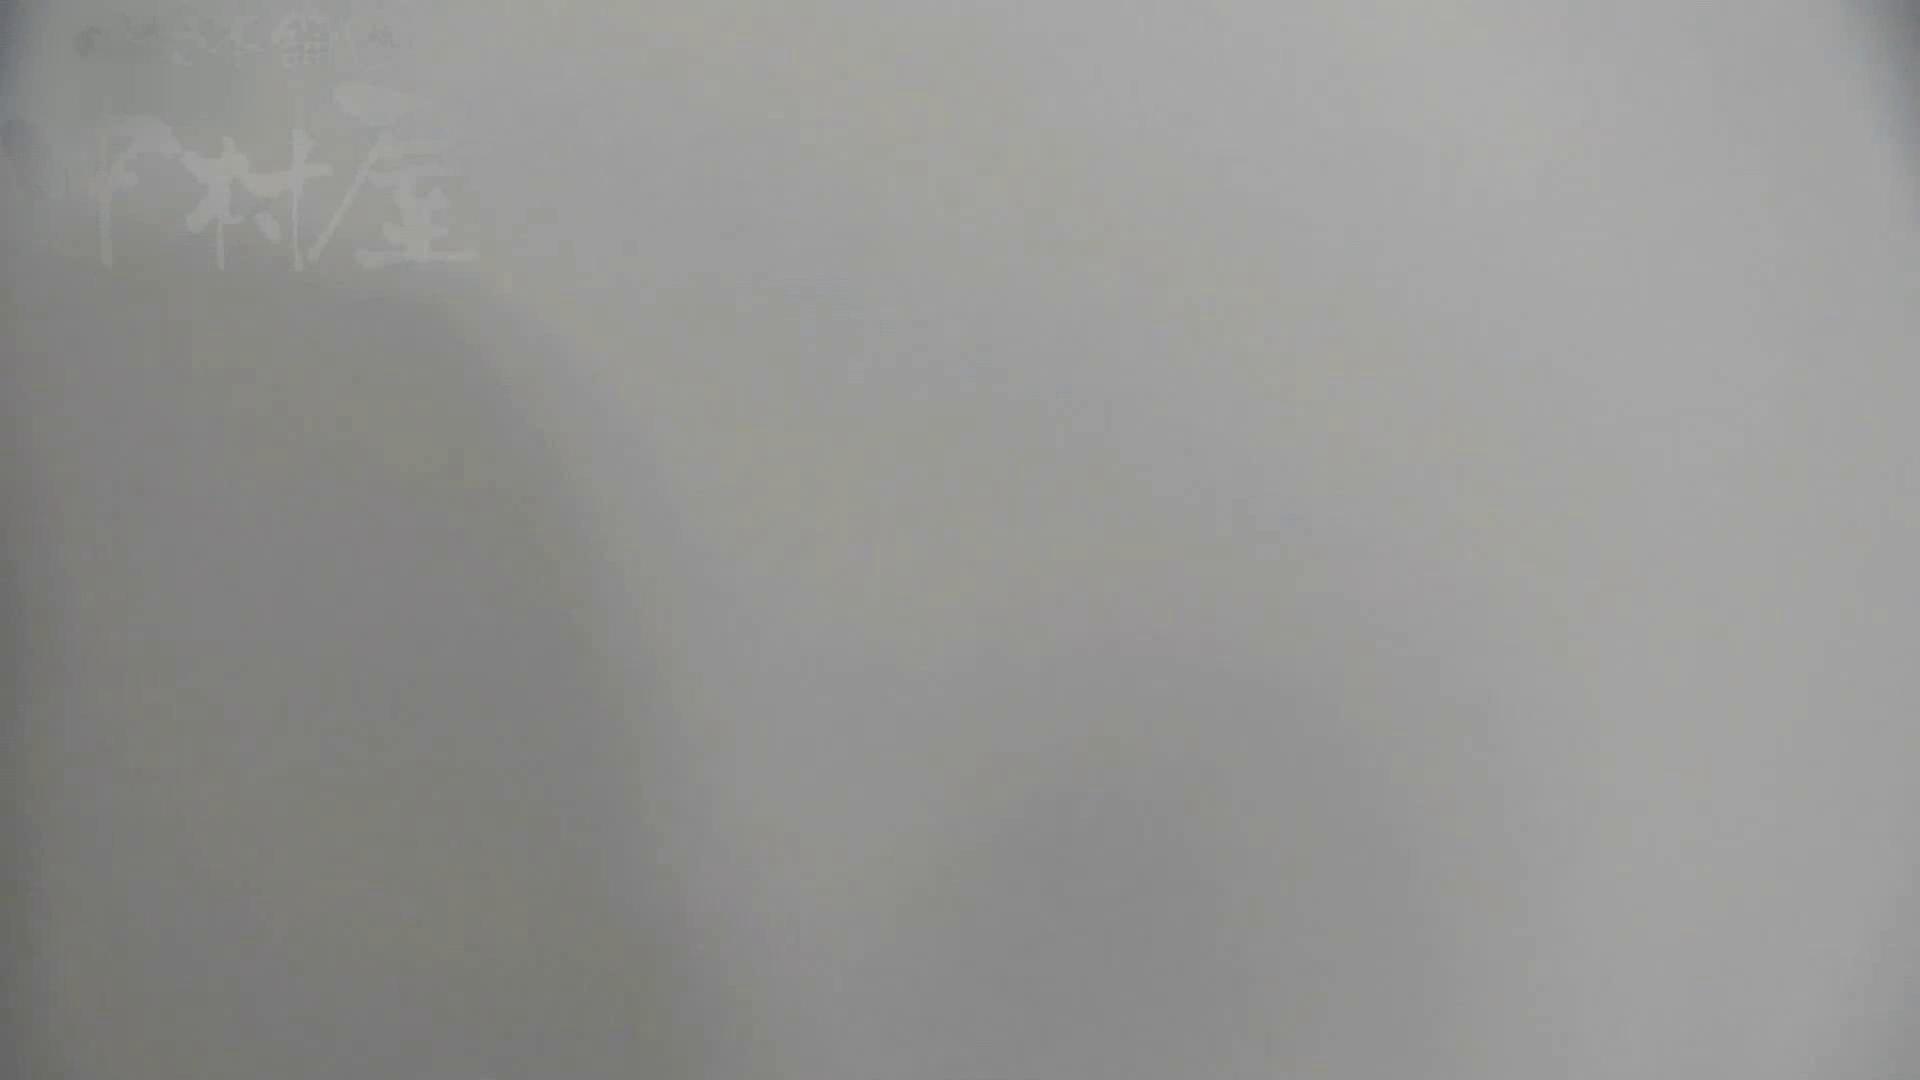 美しい日本の未来 No.29 豹柄サンダルはイ更●気味??? 無修正マンコ のぞき動画画像 111連発 12